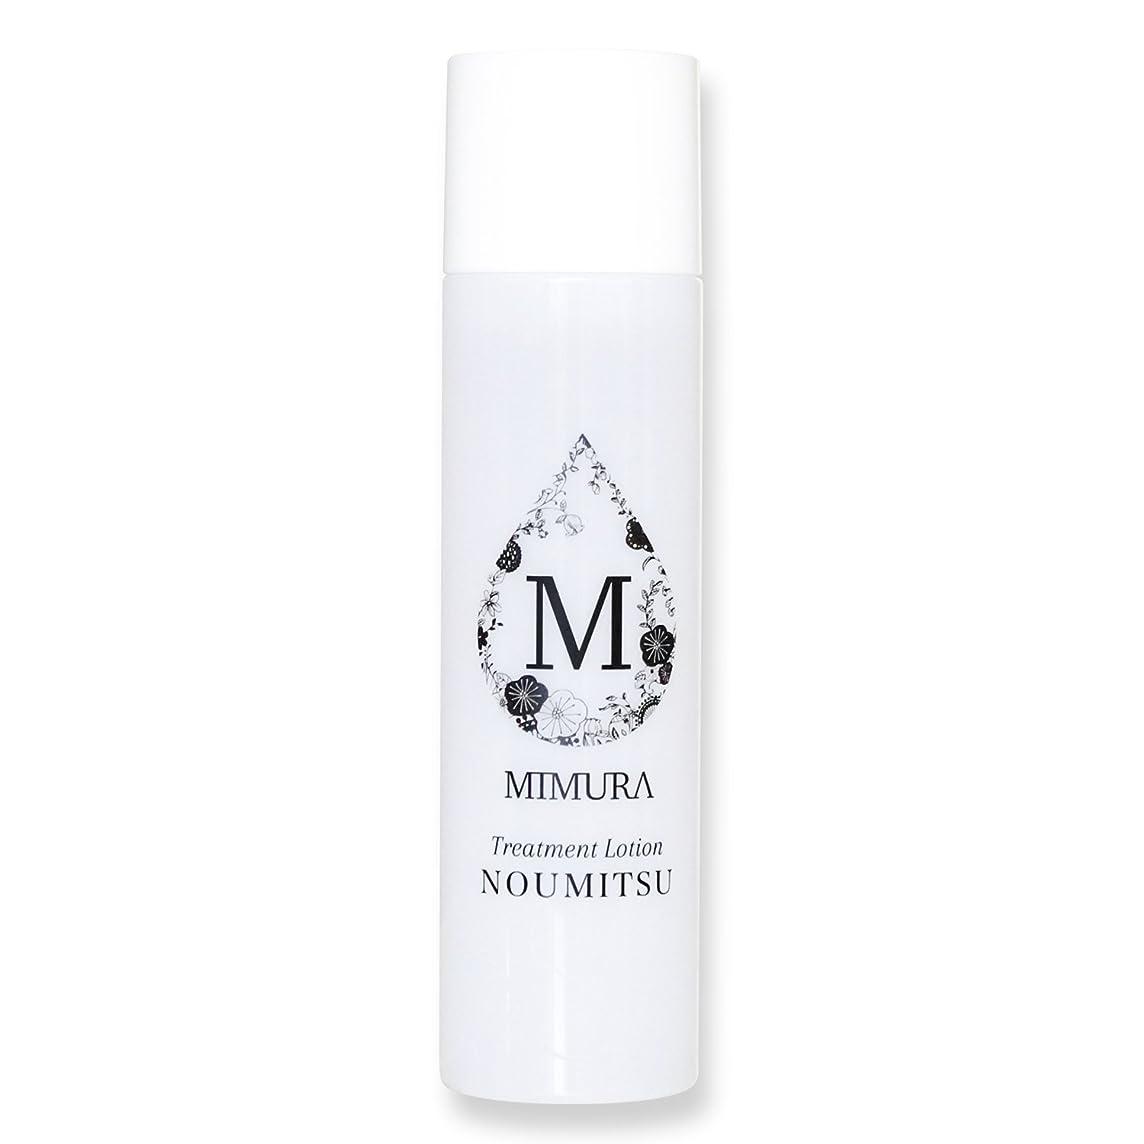 ラブ租界作曲する保湿化粧水 敏感肌 乾燥肌 ミムラ トリートメントローション NOUMITSU 125mL MIMURA 日本製